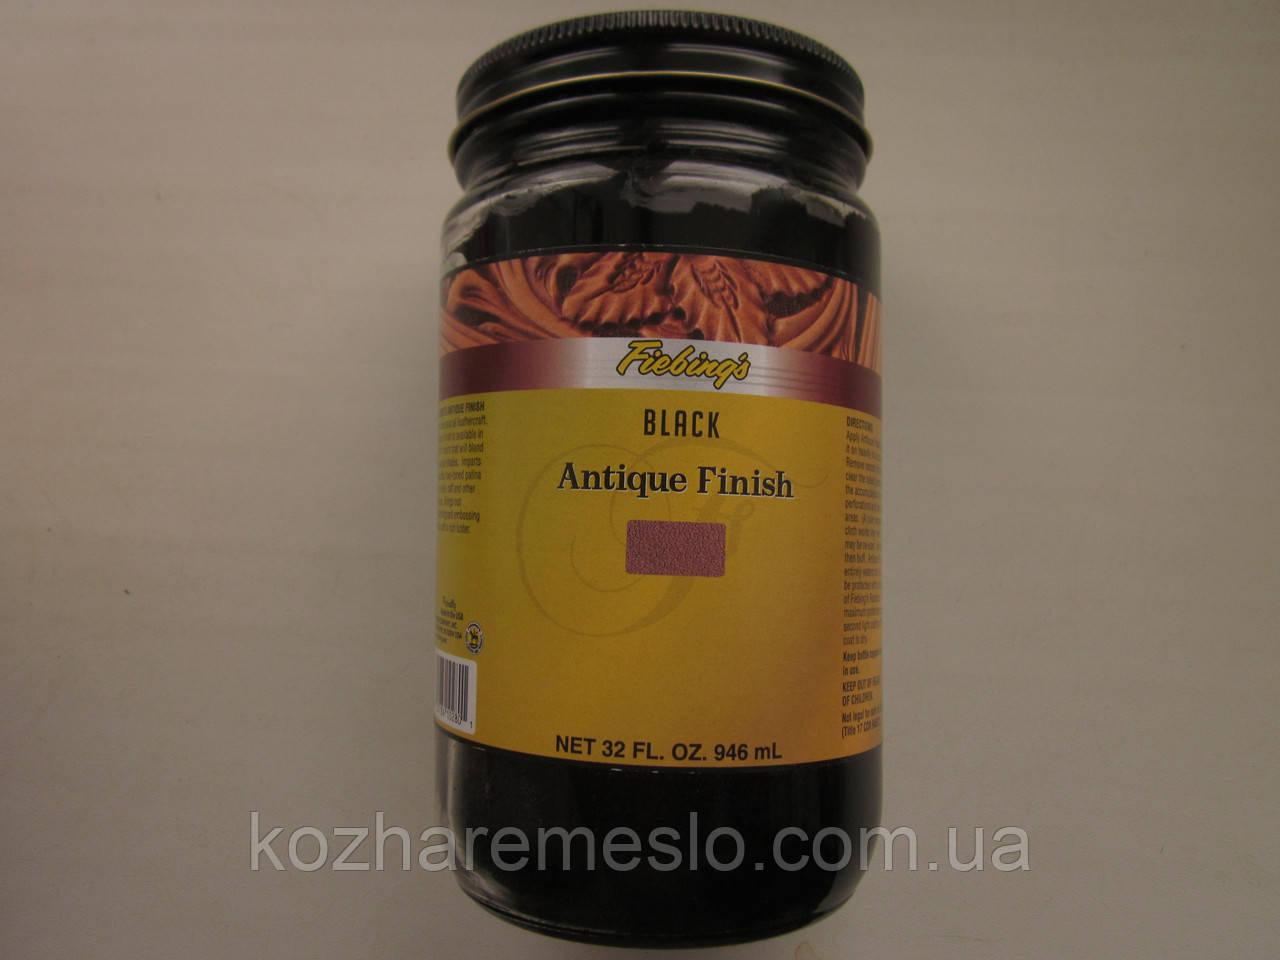 Антик - финиш FIEBING'S для кожи 50 гр чёрный (не фирменная упаковка)